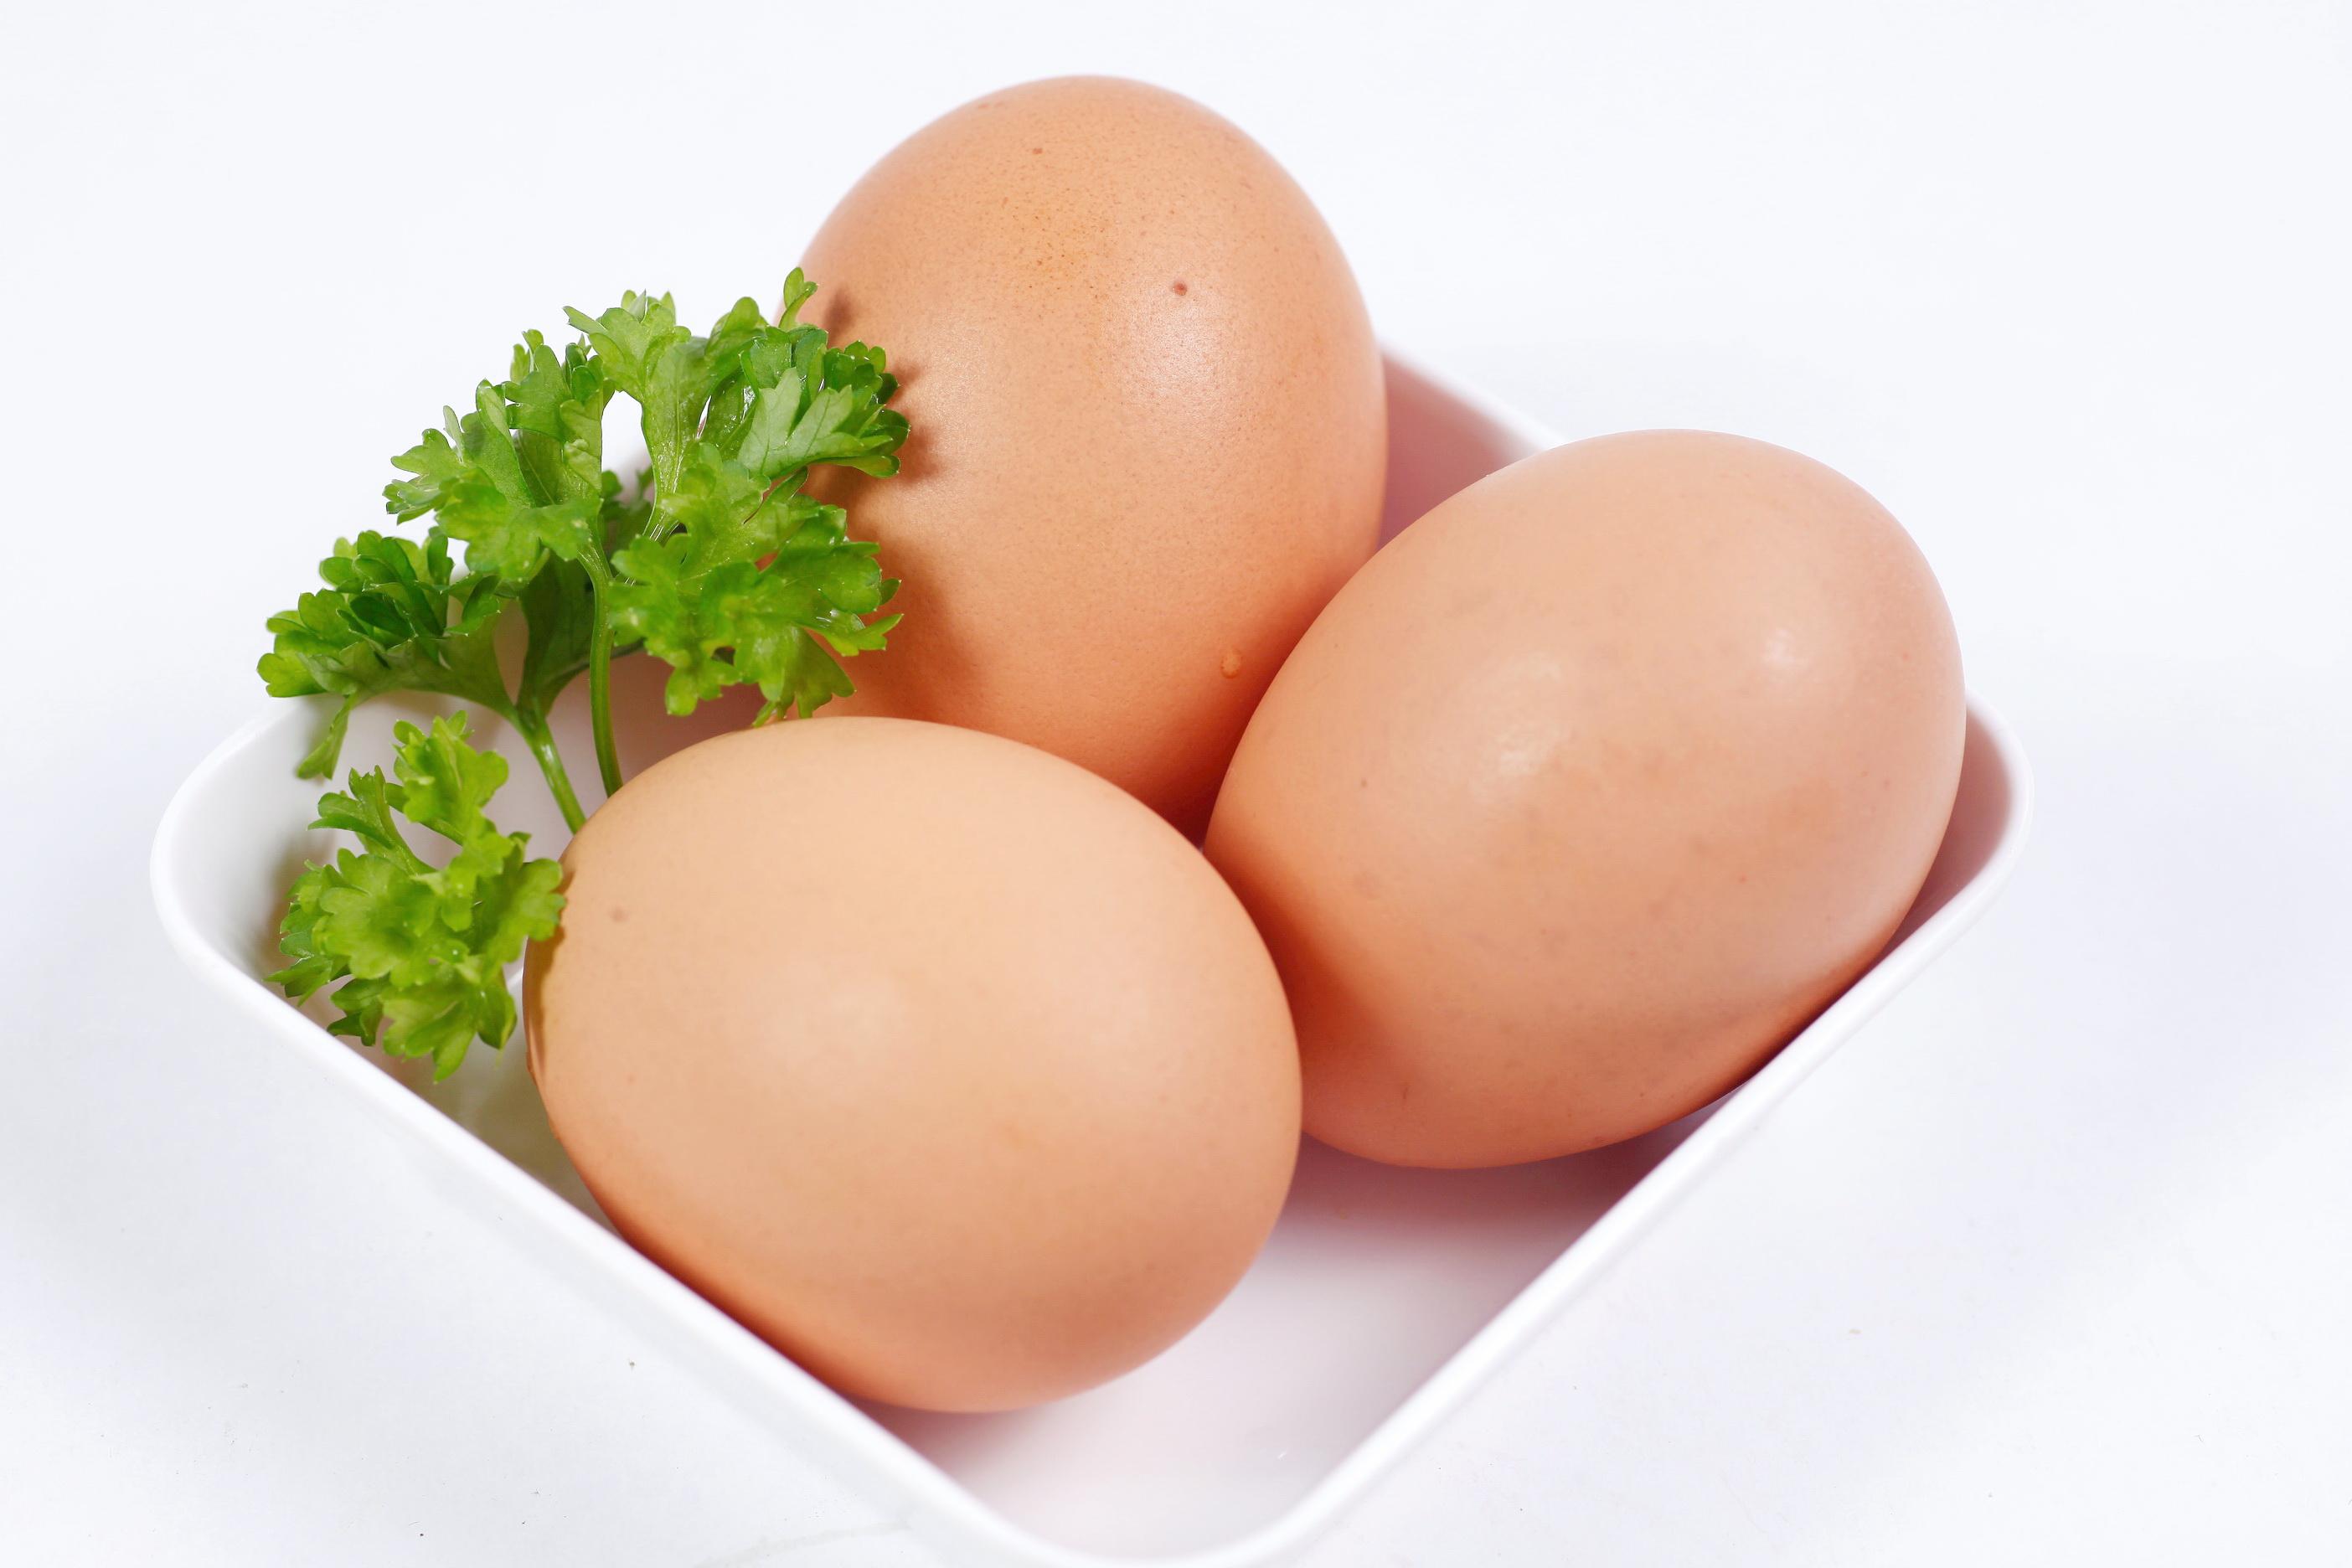 6 thứ kỵ ăn chung với trứng